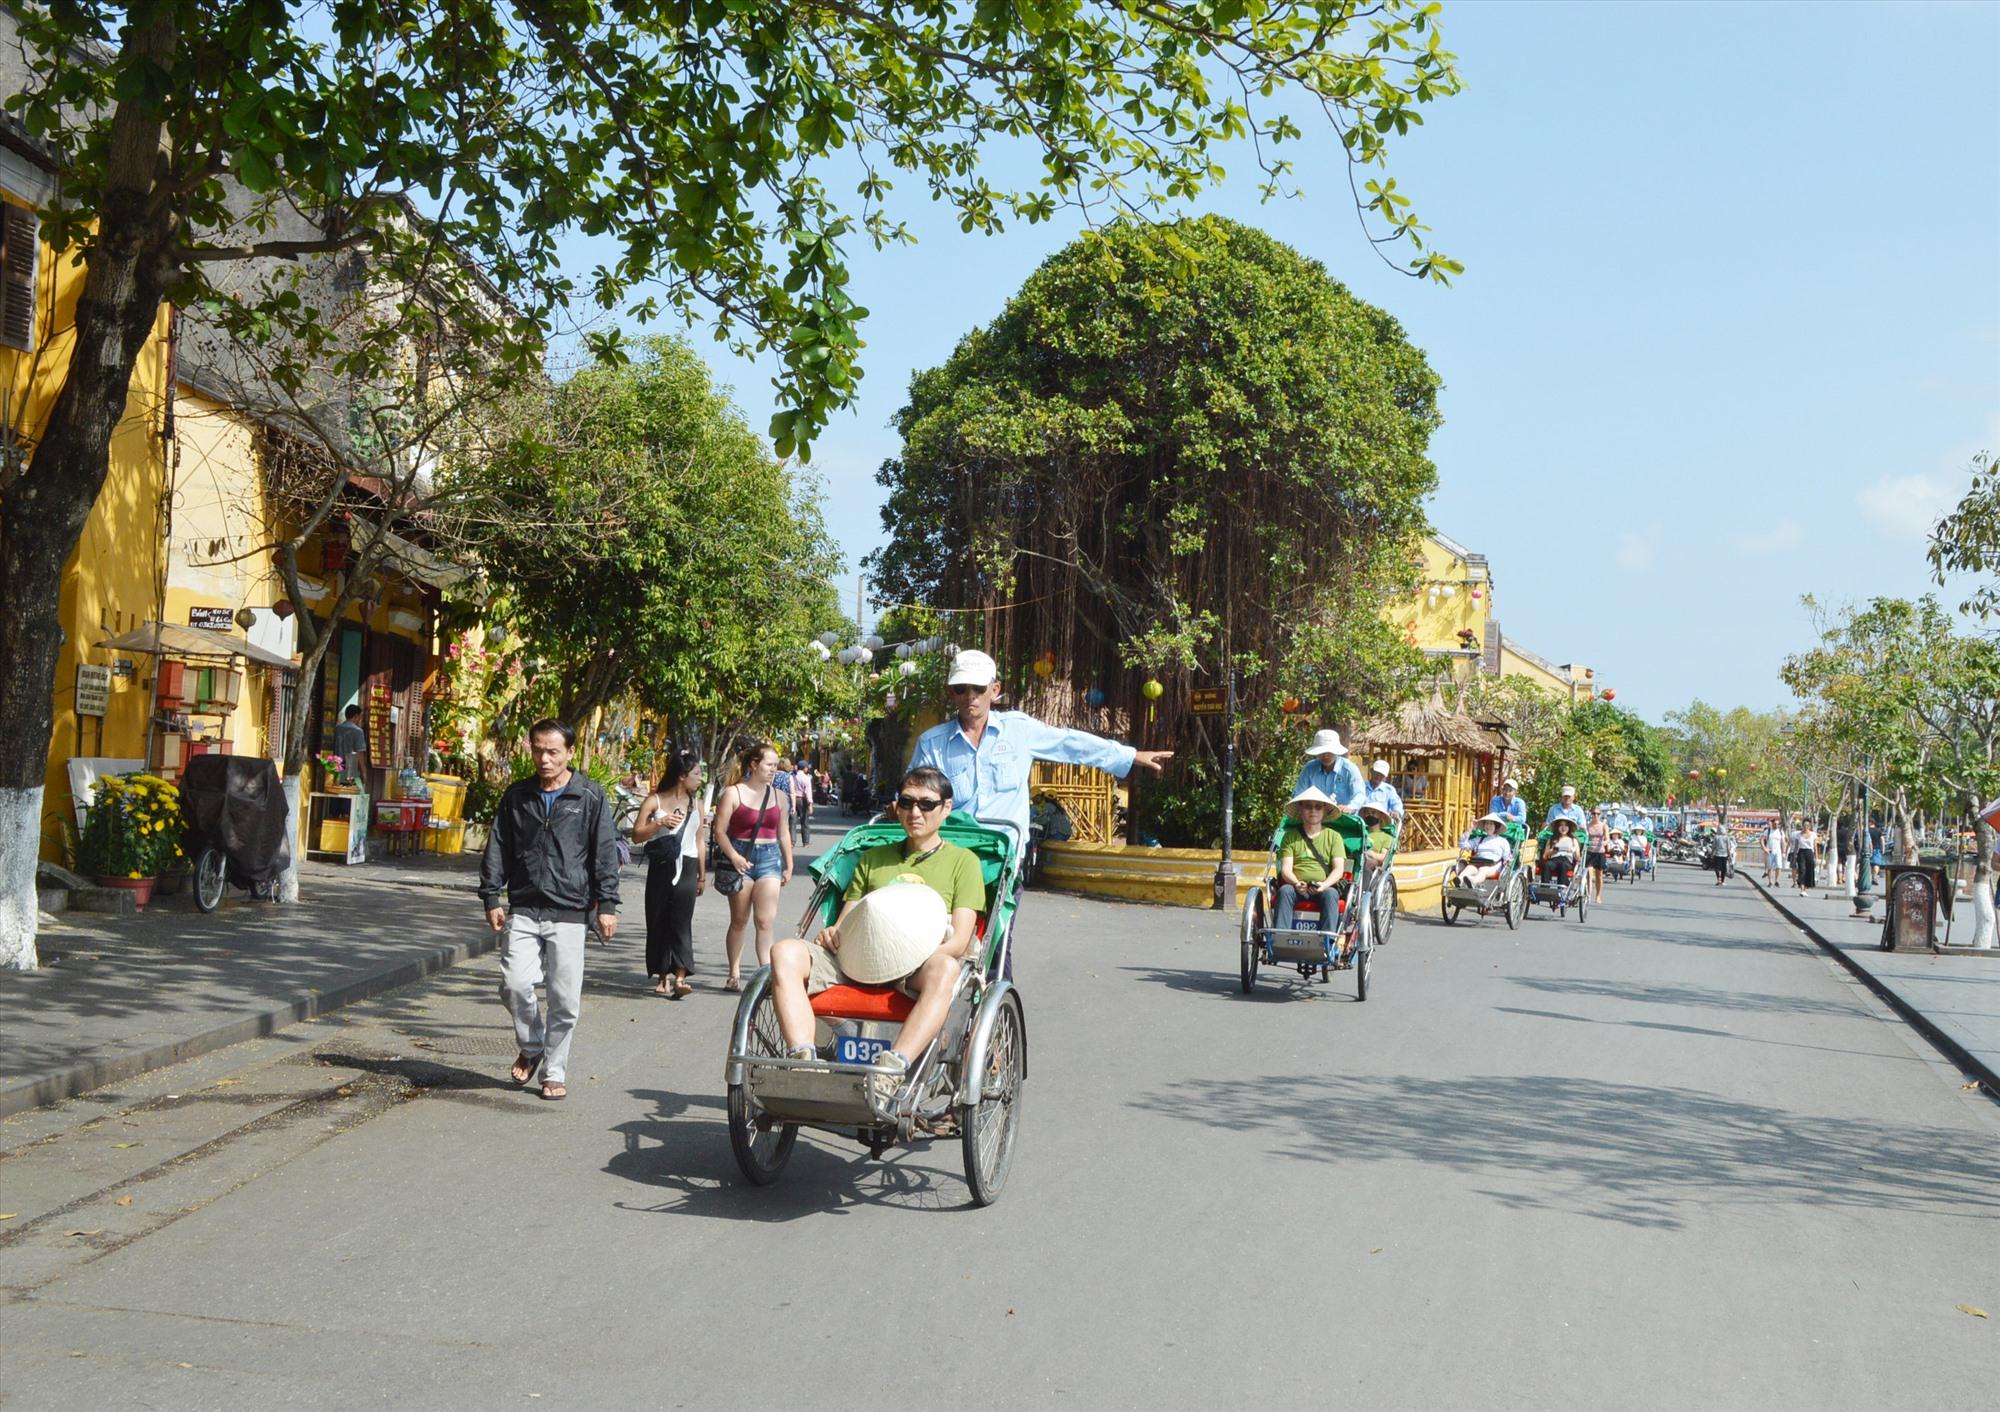 Du khách sụt giảm ảnh hưởng đến hoạt động kinh doanh của doạnh nghiệp du lich Quảng Nam. Ảnh: V.L